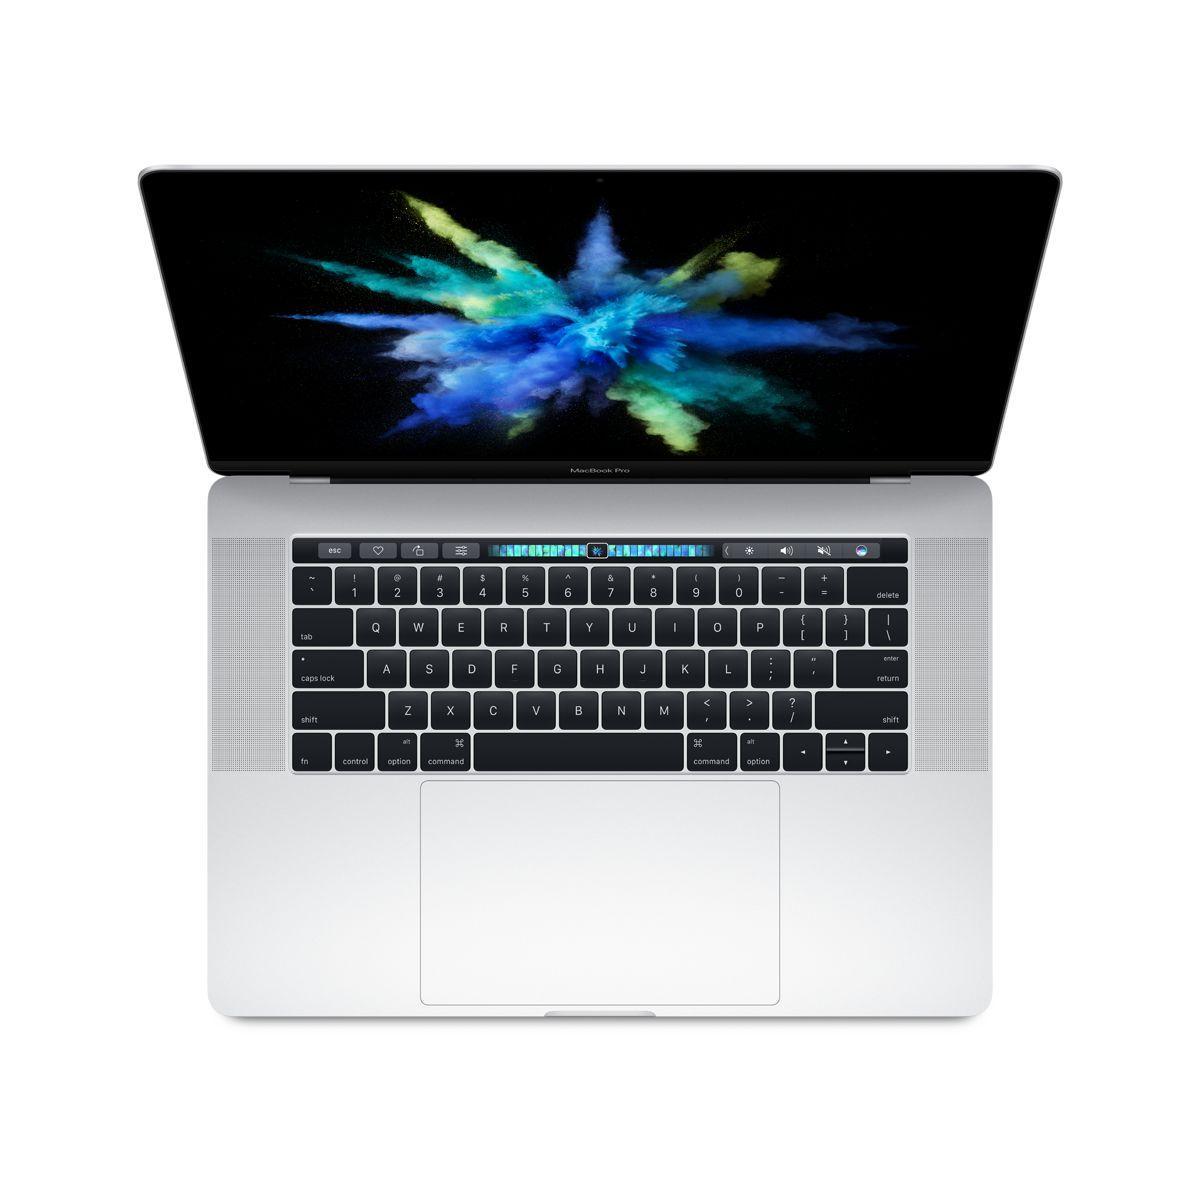 Ordinateur apple macbook pro new 15p touch bar i5 512go argent (photo)